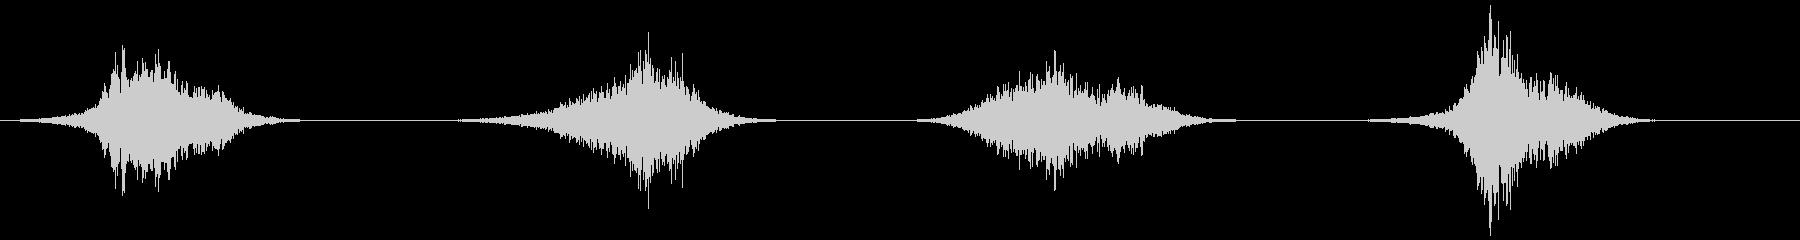 音楽:不気味なソフトオーケストラB...の未再生の波形